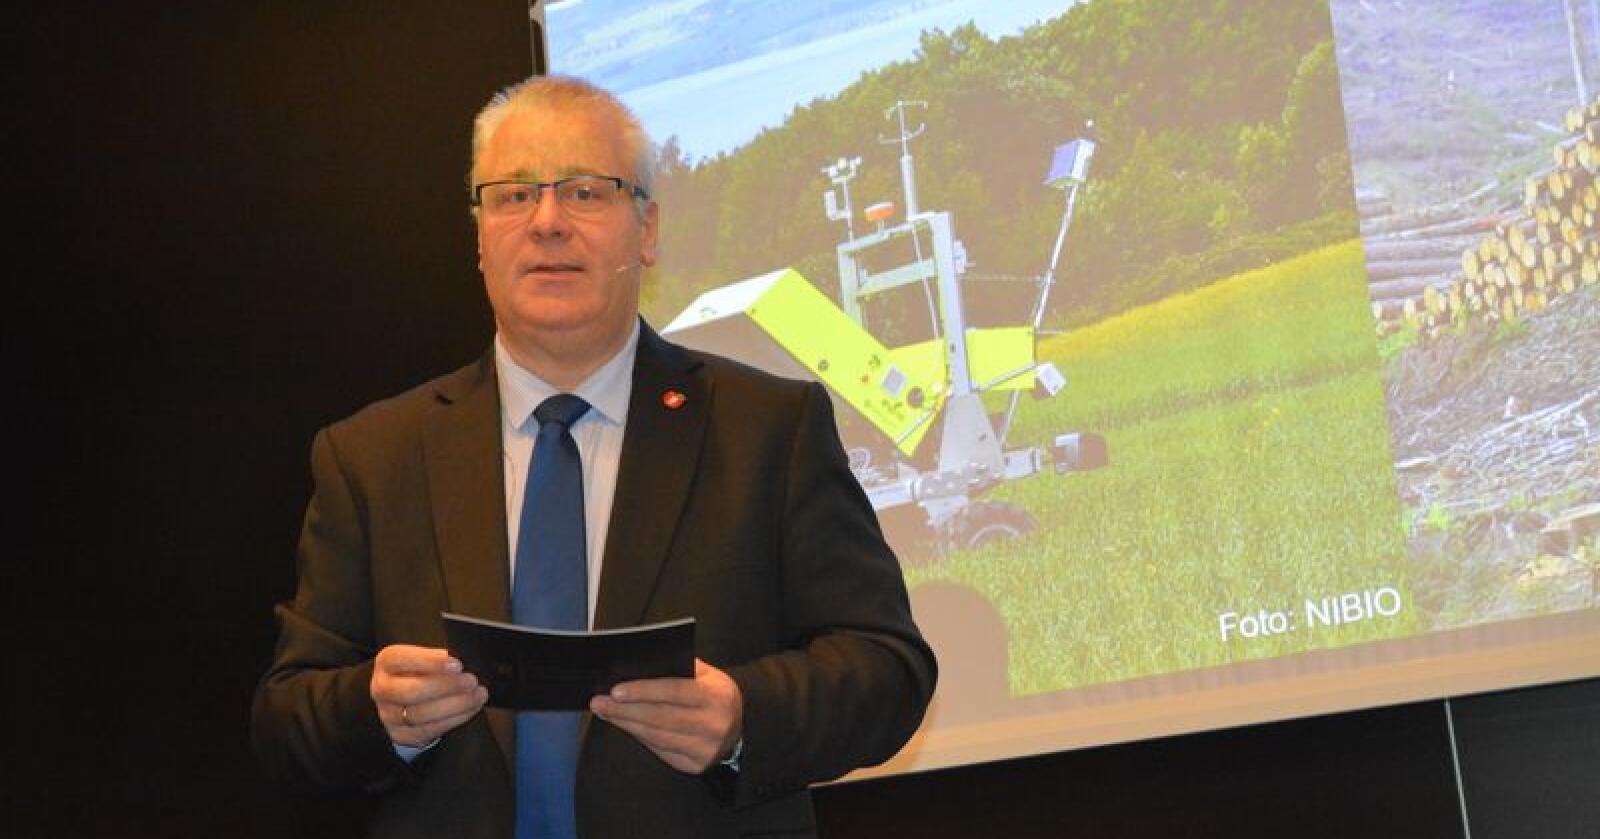 Landbruks -og matminister Bård Hoksrud (Frp) roste norske bønder for å være flinke til å ta i bruk ny teknologi da han besøkte Landtek 2018 i Oslo. Foto: Anders Sandbu